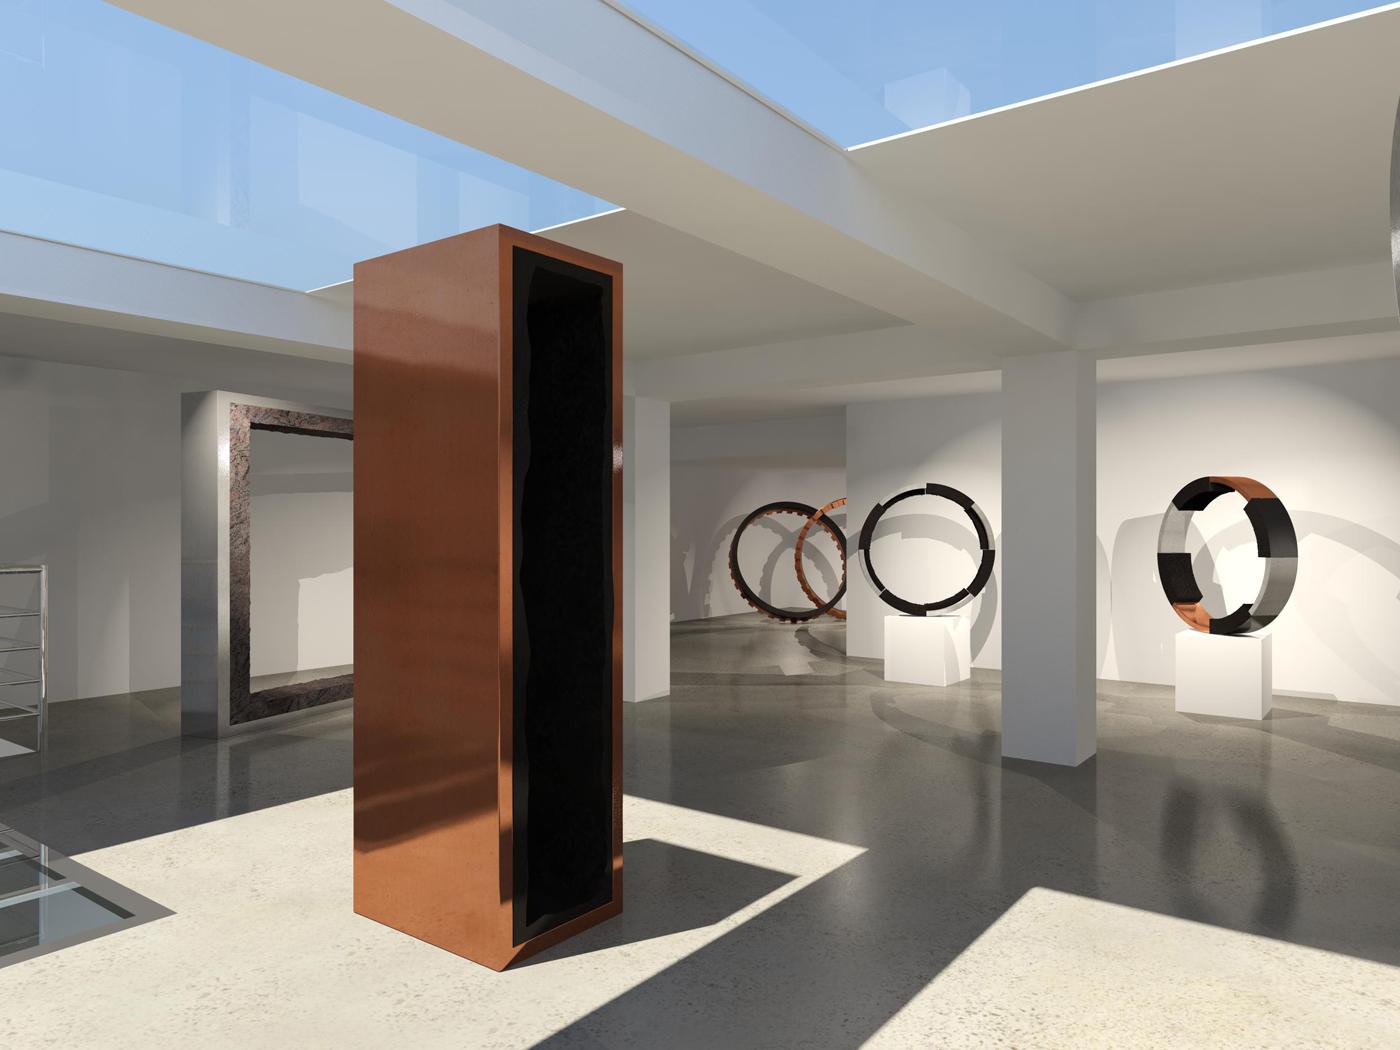 Escultura-en-espacio-interior07